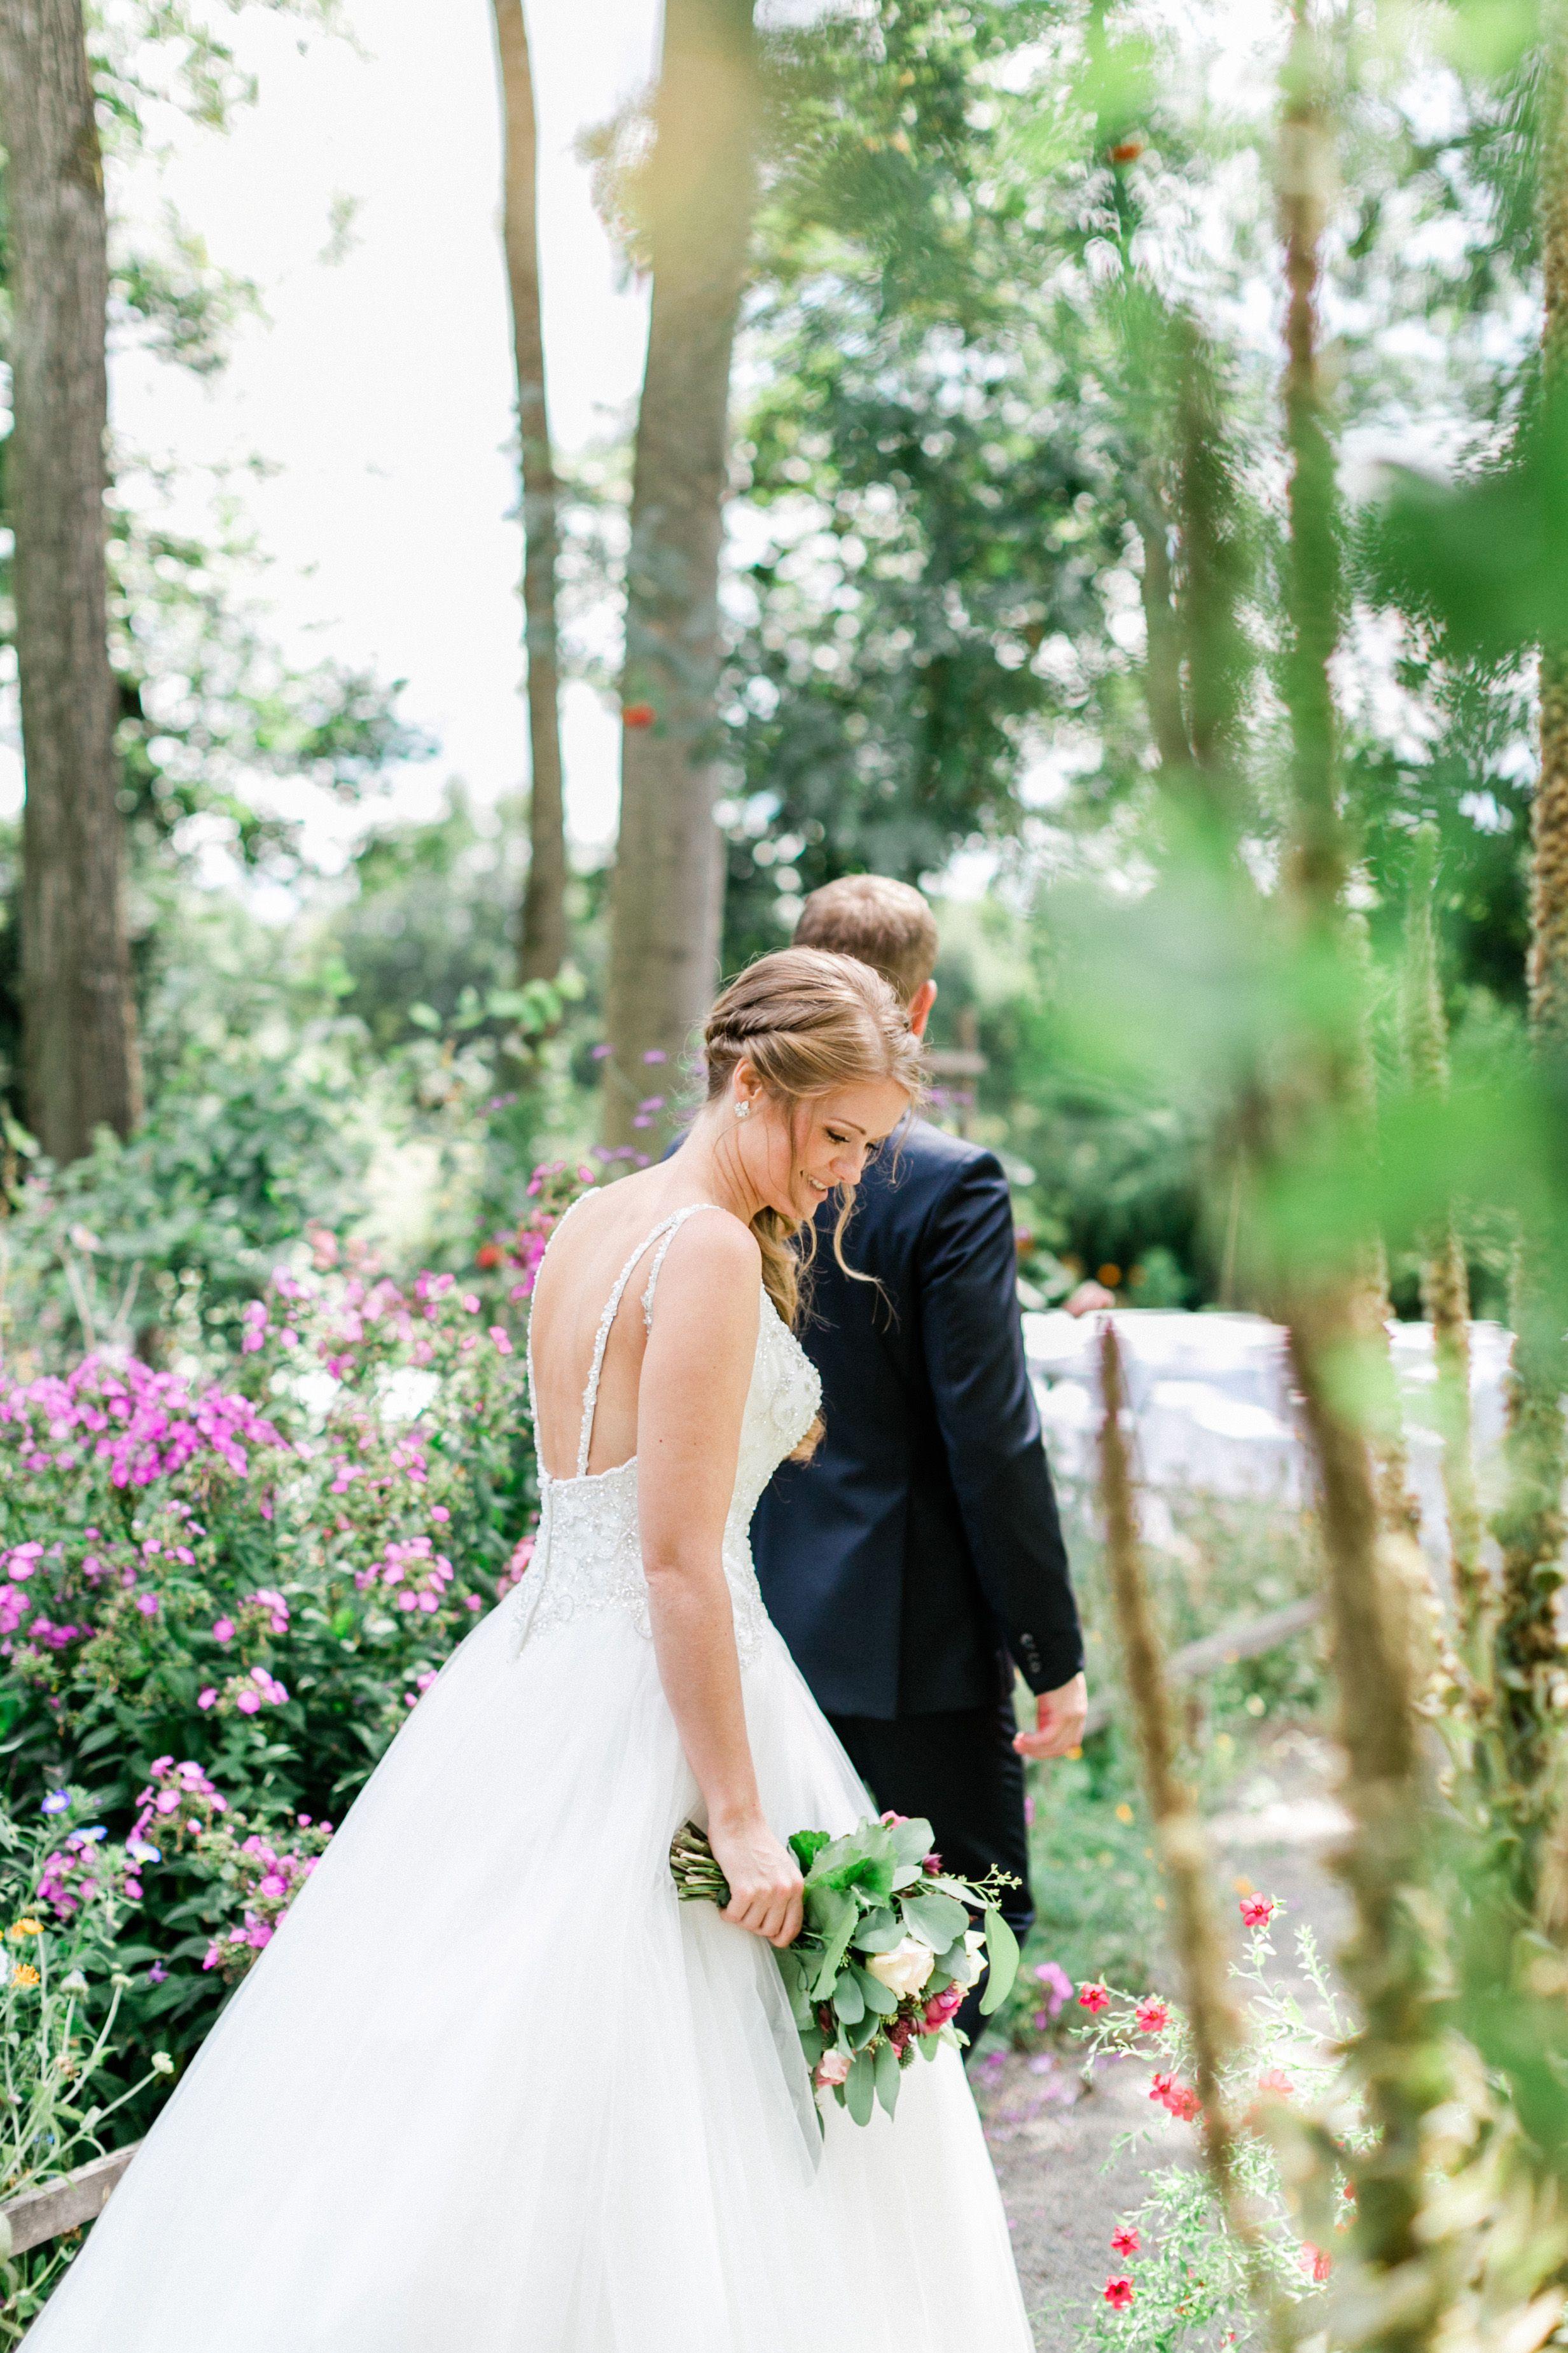 Freie Trauung Gutshof Unterbessenbach Ewigmein Fine Art Photography Hochzeitszeremonie Draussen Hochzeitsideen Im Freien Blaue Hochzeitsblumen